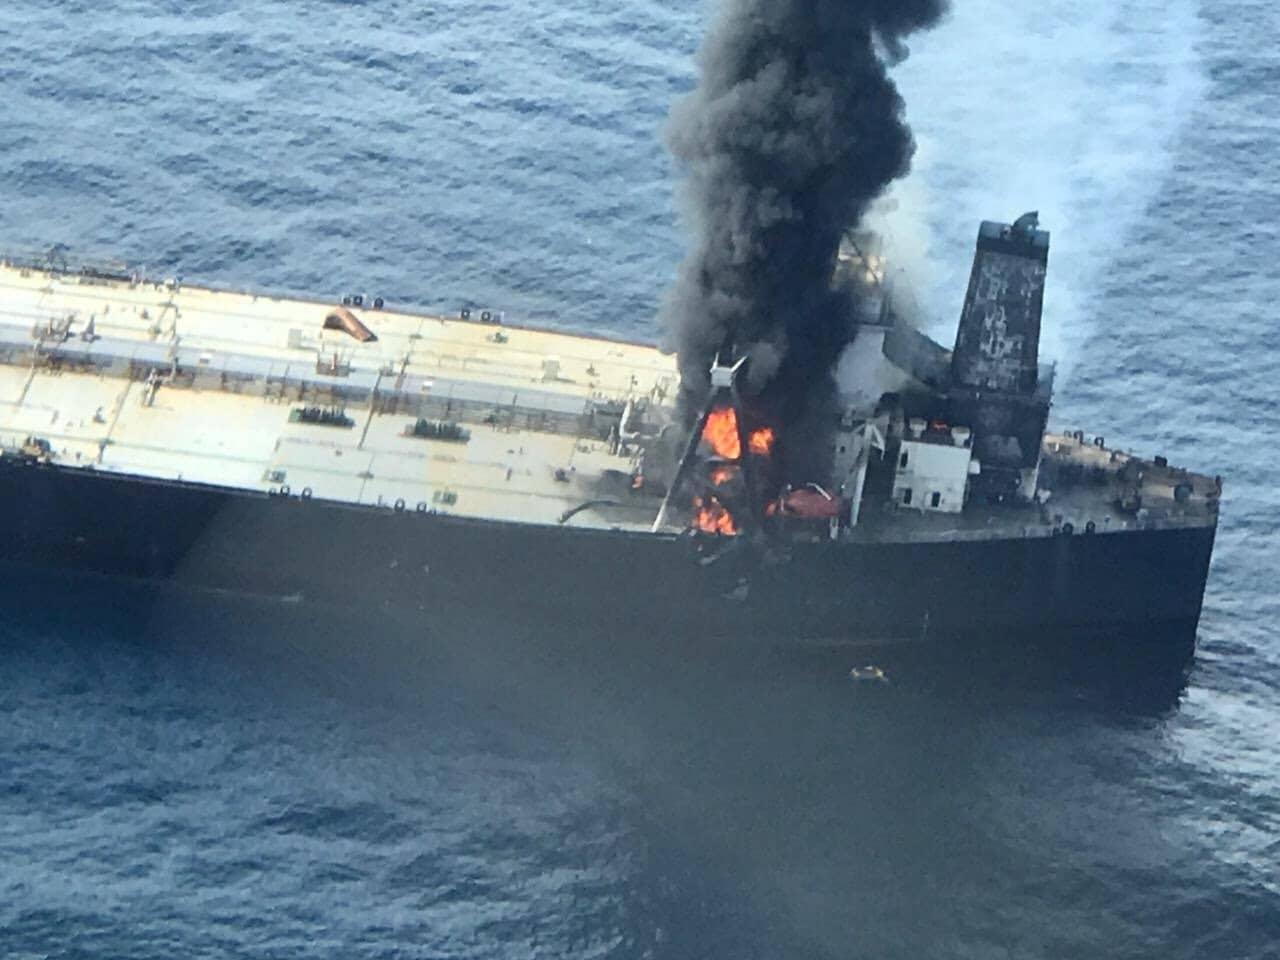 श्रीलंकेच्या MT New Diamond या तेल जहाजावर 3 दिवसांपासून भीषण आग लागली होती. भारतीय नौदलाच्या मदतीने ही आग रविवारी विझवण्यात यश आलं.